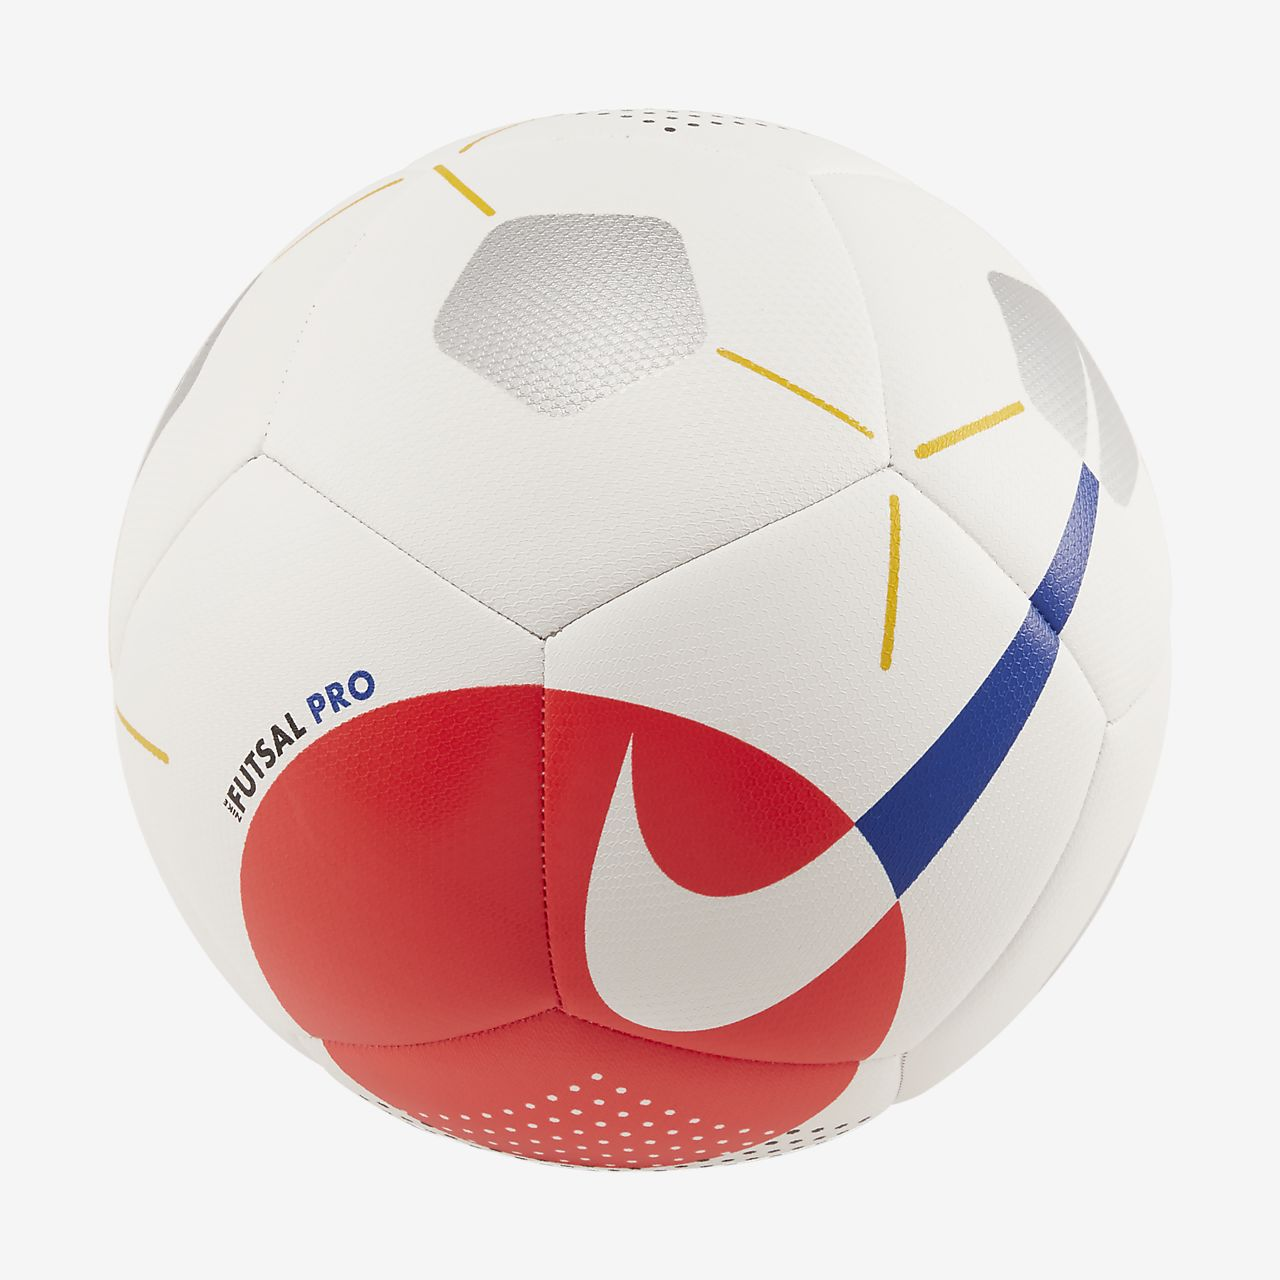 Balón de fútbol Nike Pro